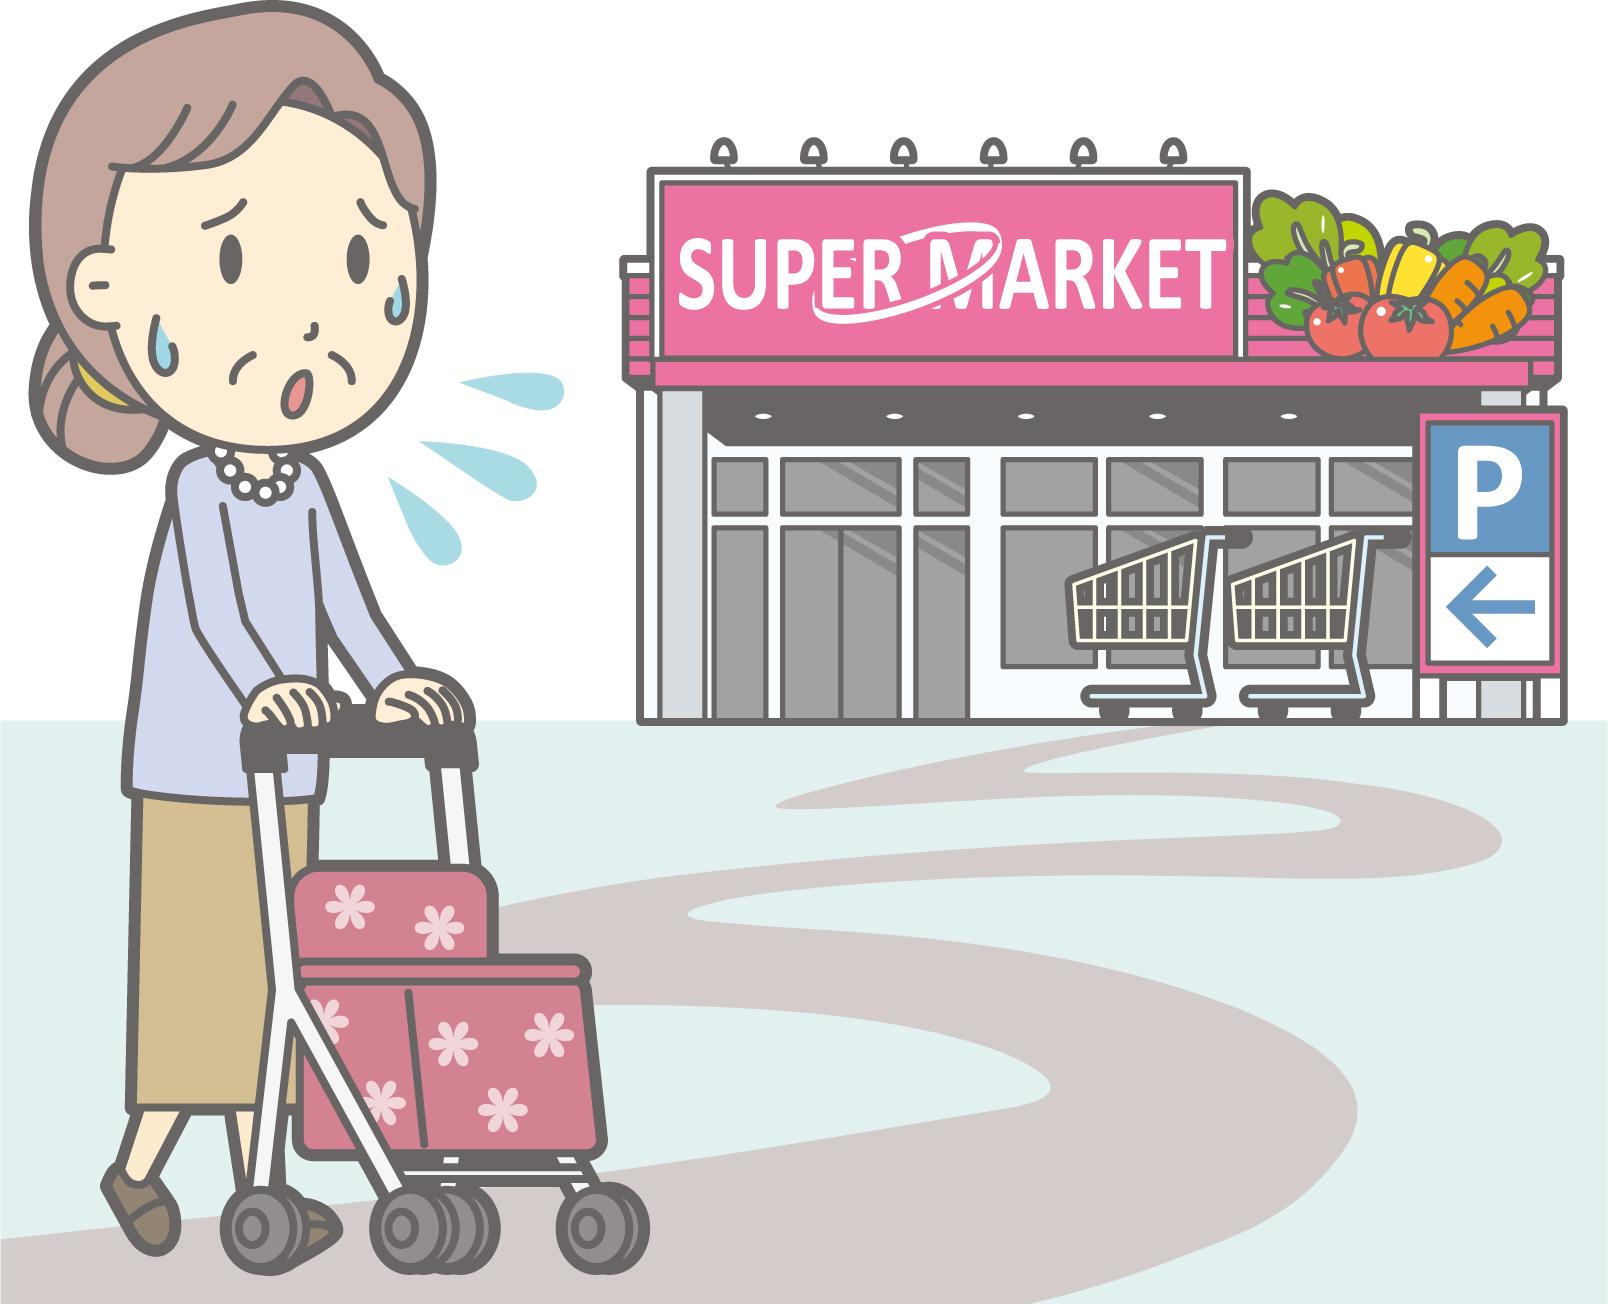 アルツハイマー型認知症の母は買い物依存症。そのための対策とは